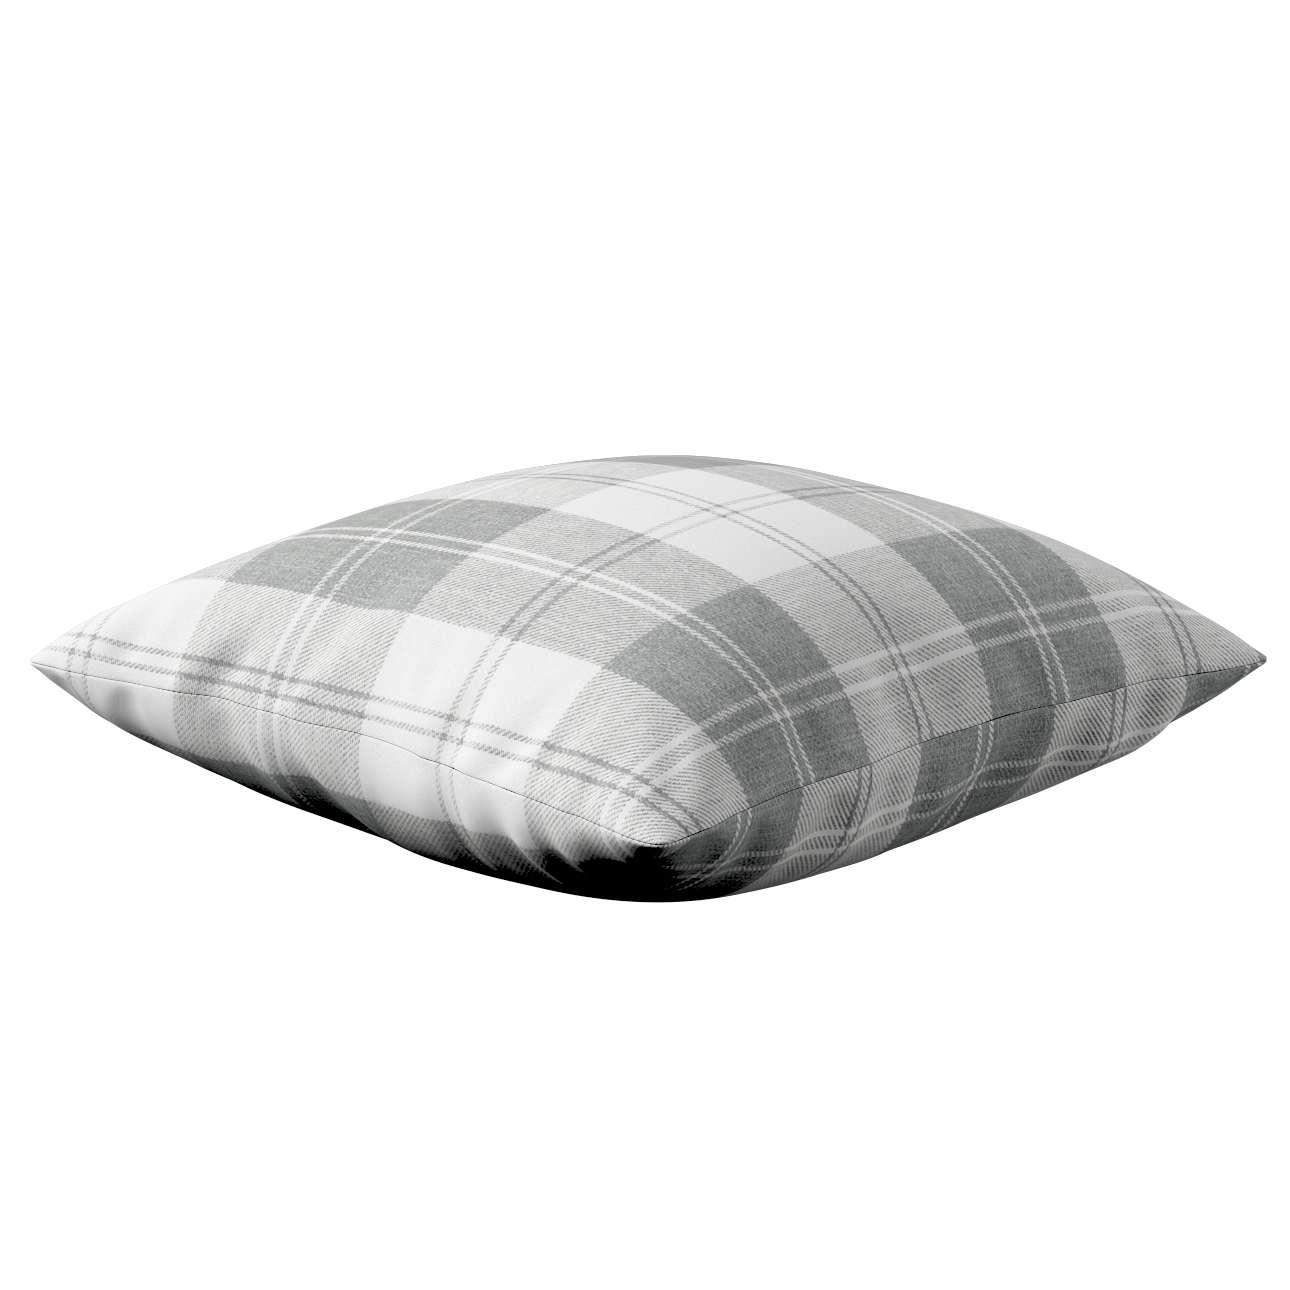 Poszewka Kinga na poduszkę w kolekcji Edinburgh, tkanina: 115-79